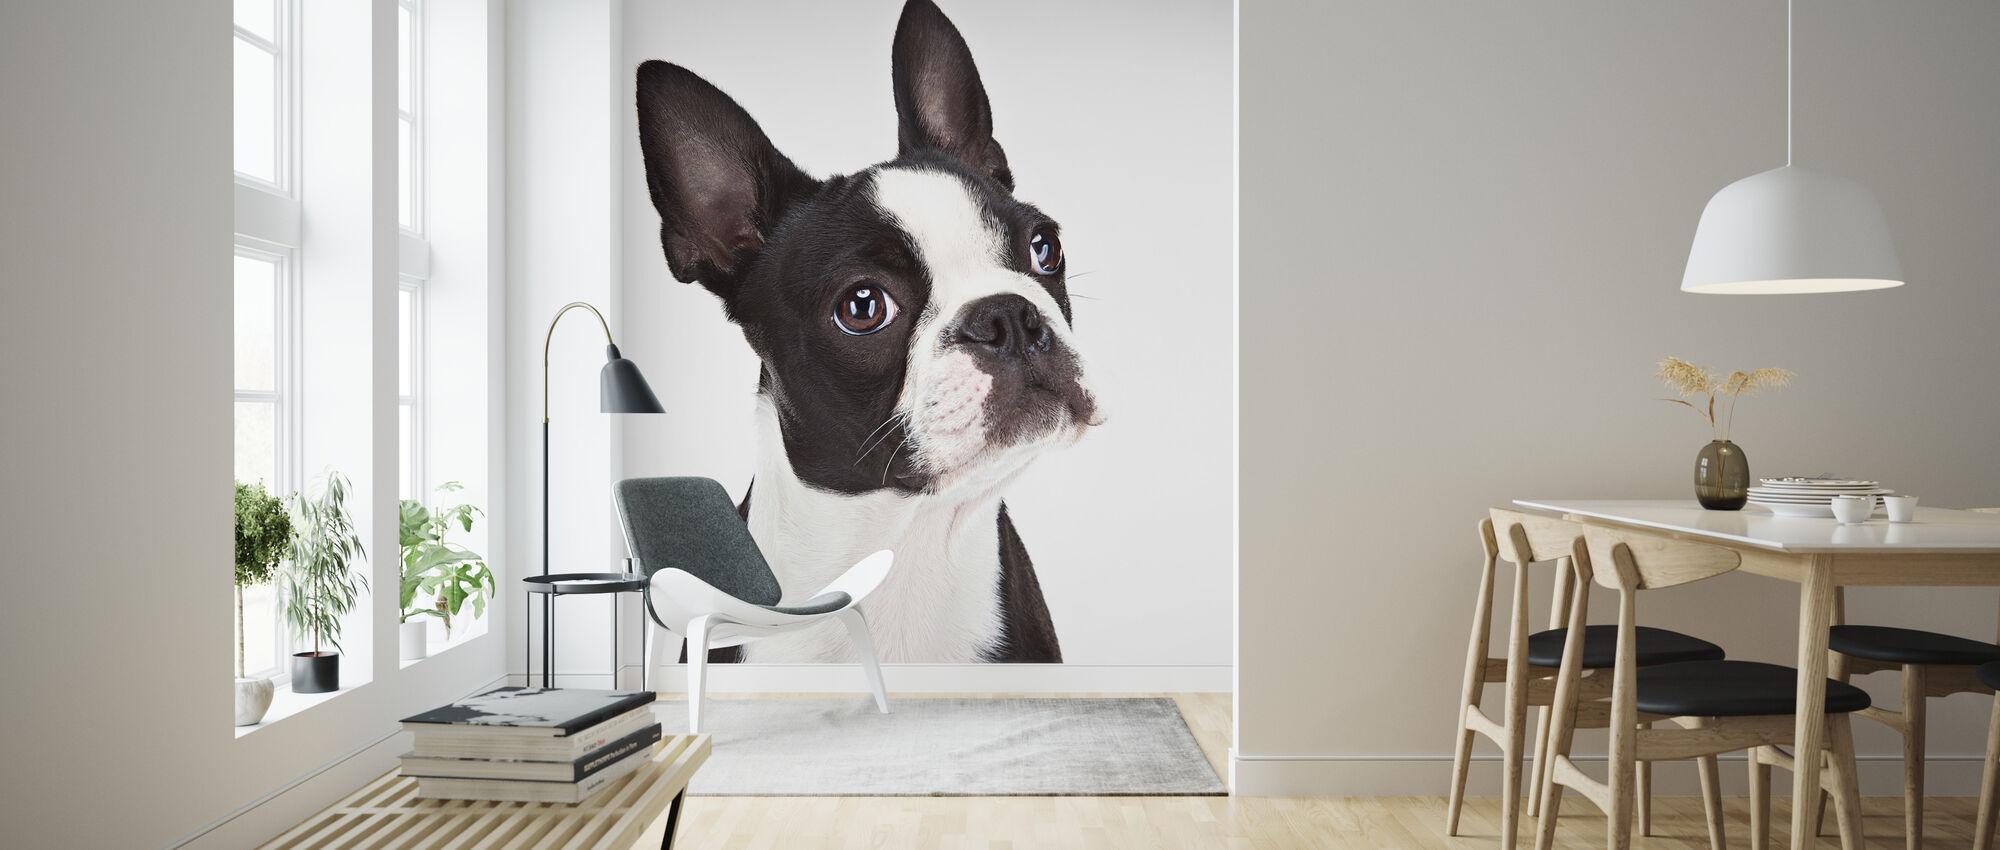 Boston Terrier - Wallpaper - Living Room